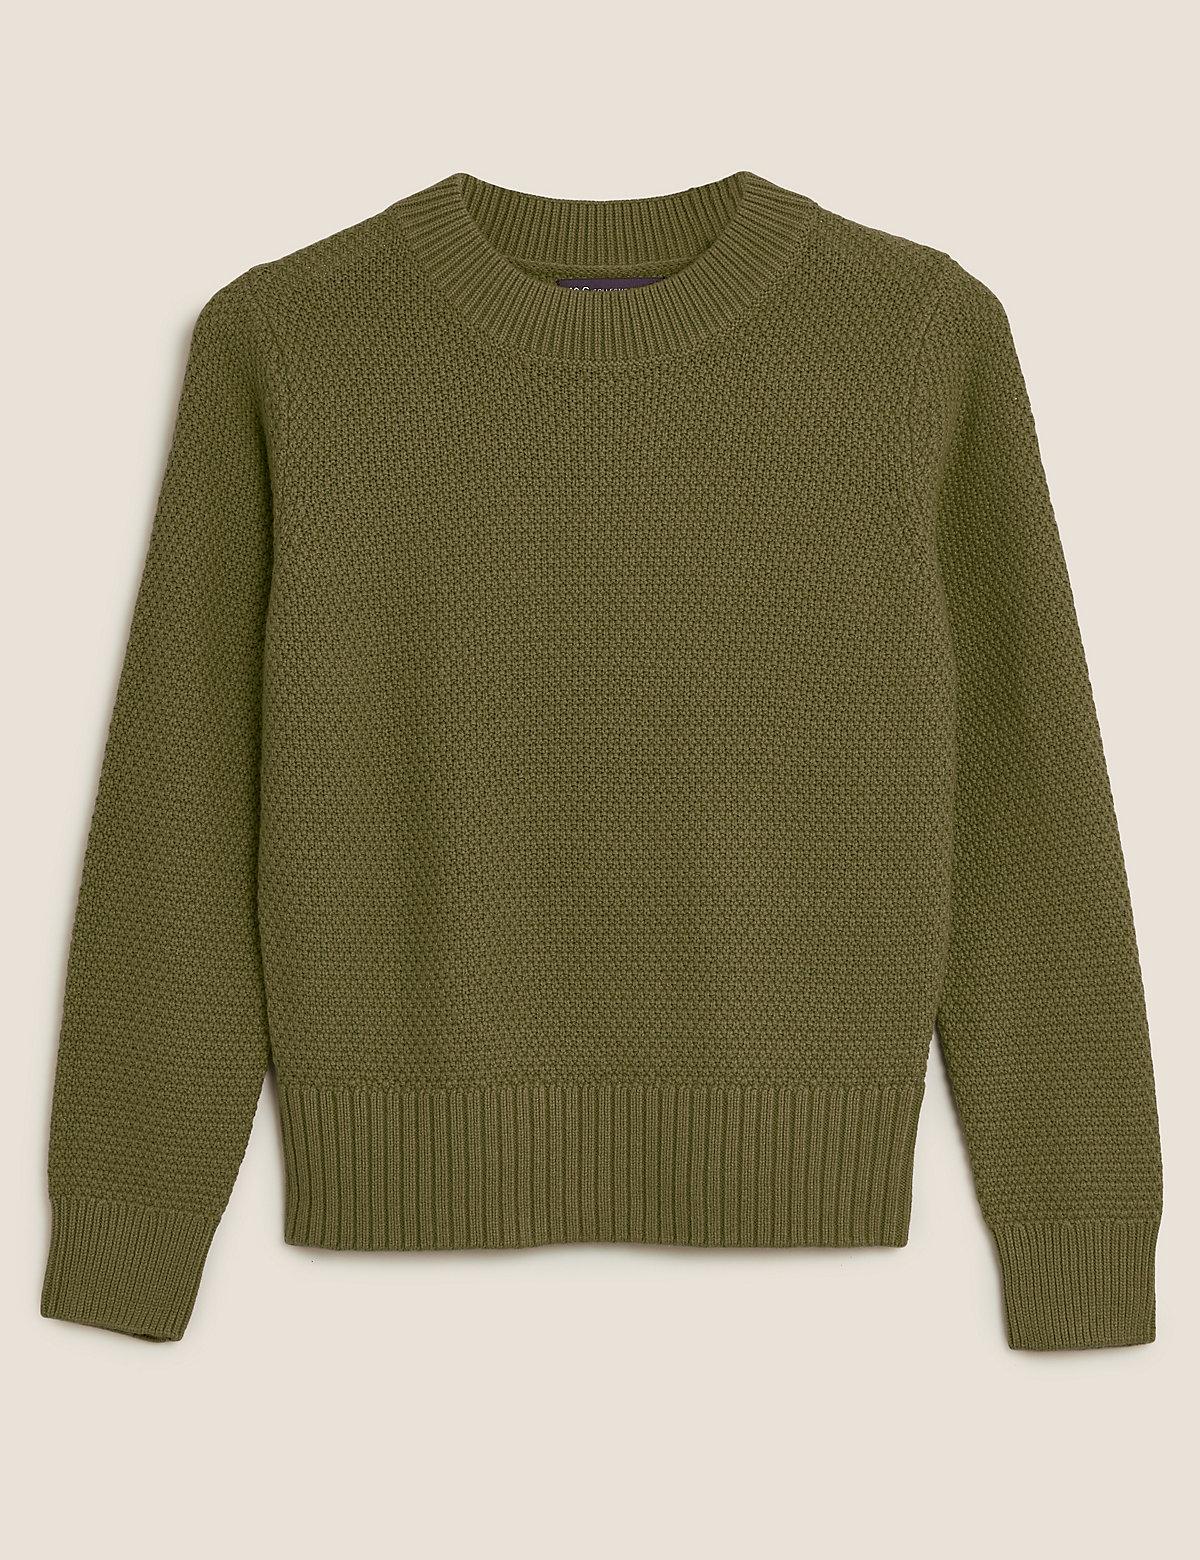 Джемпер из текстурированной хлопковой ткани с добавлением шерсти